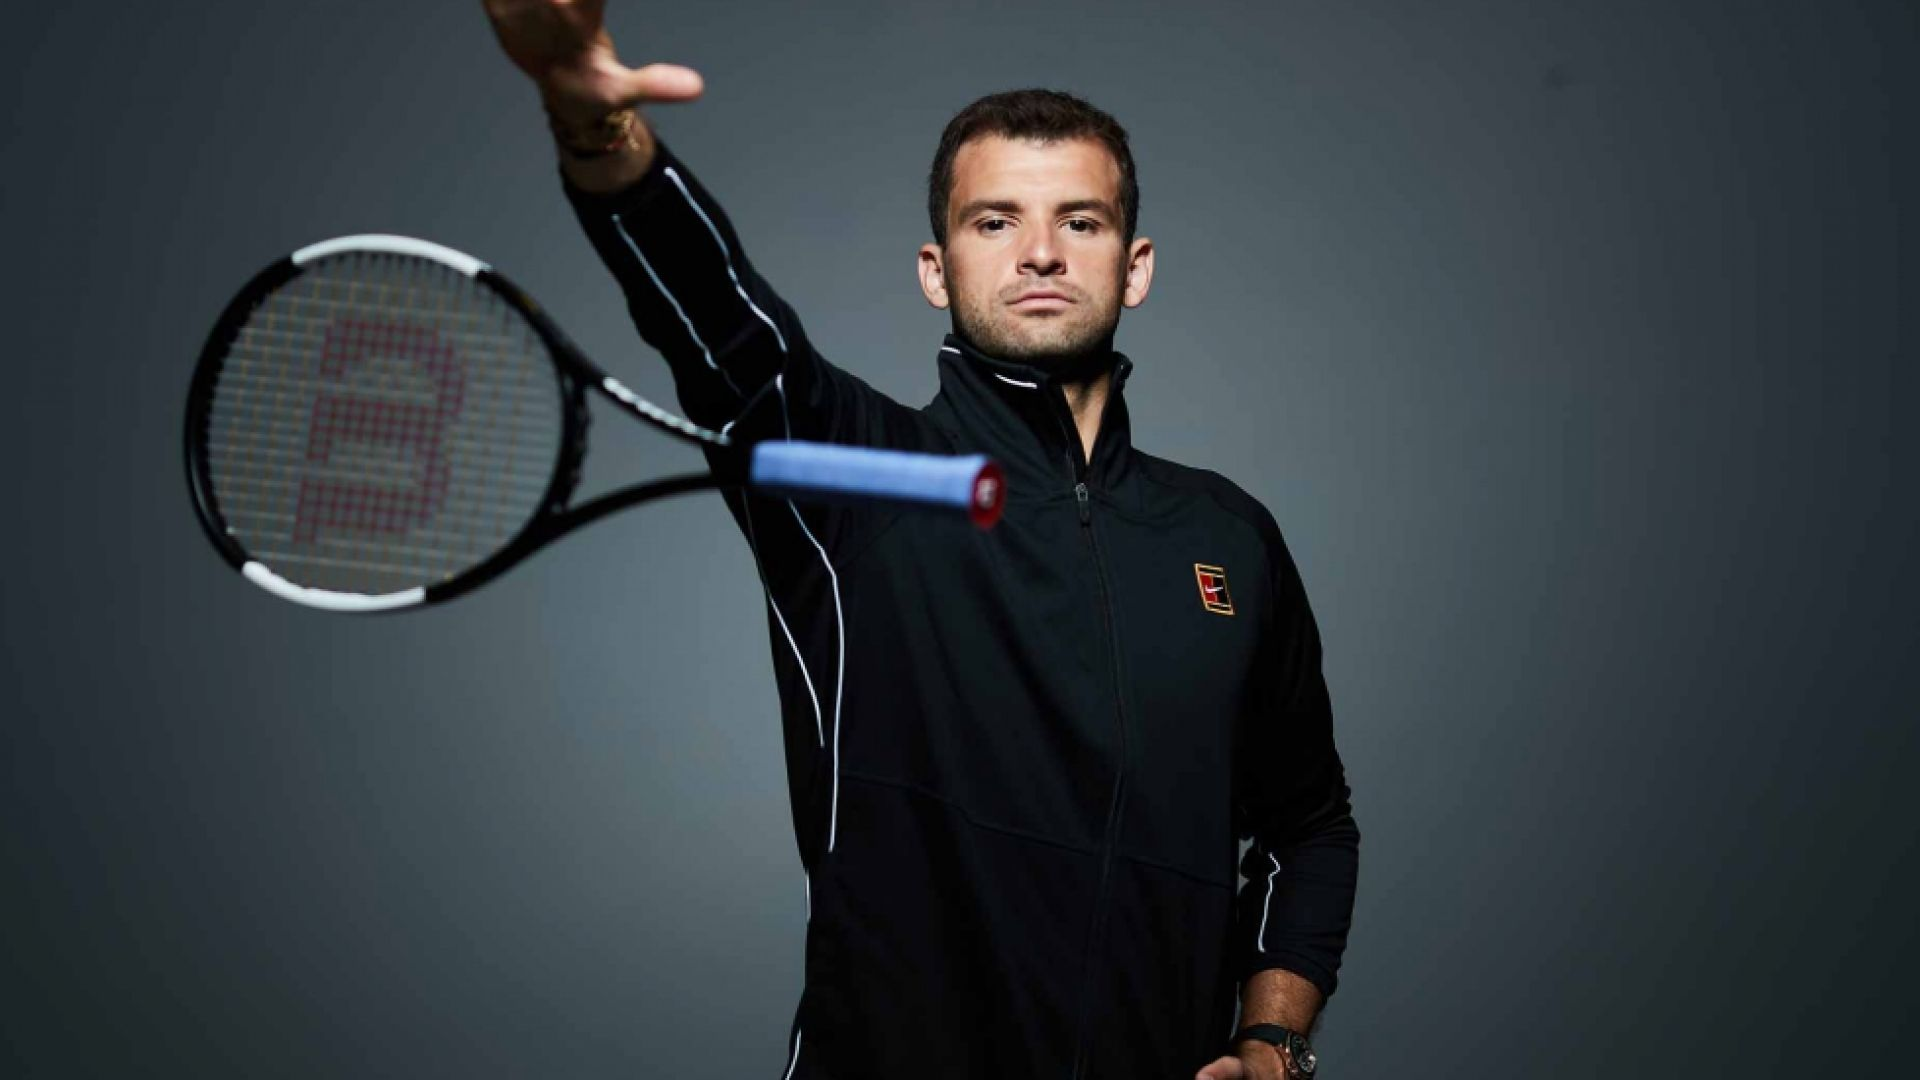 Григор Димитров с изповед пред ATP: За контузията и позитивното бъдеще